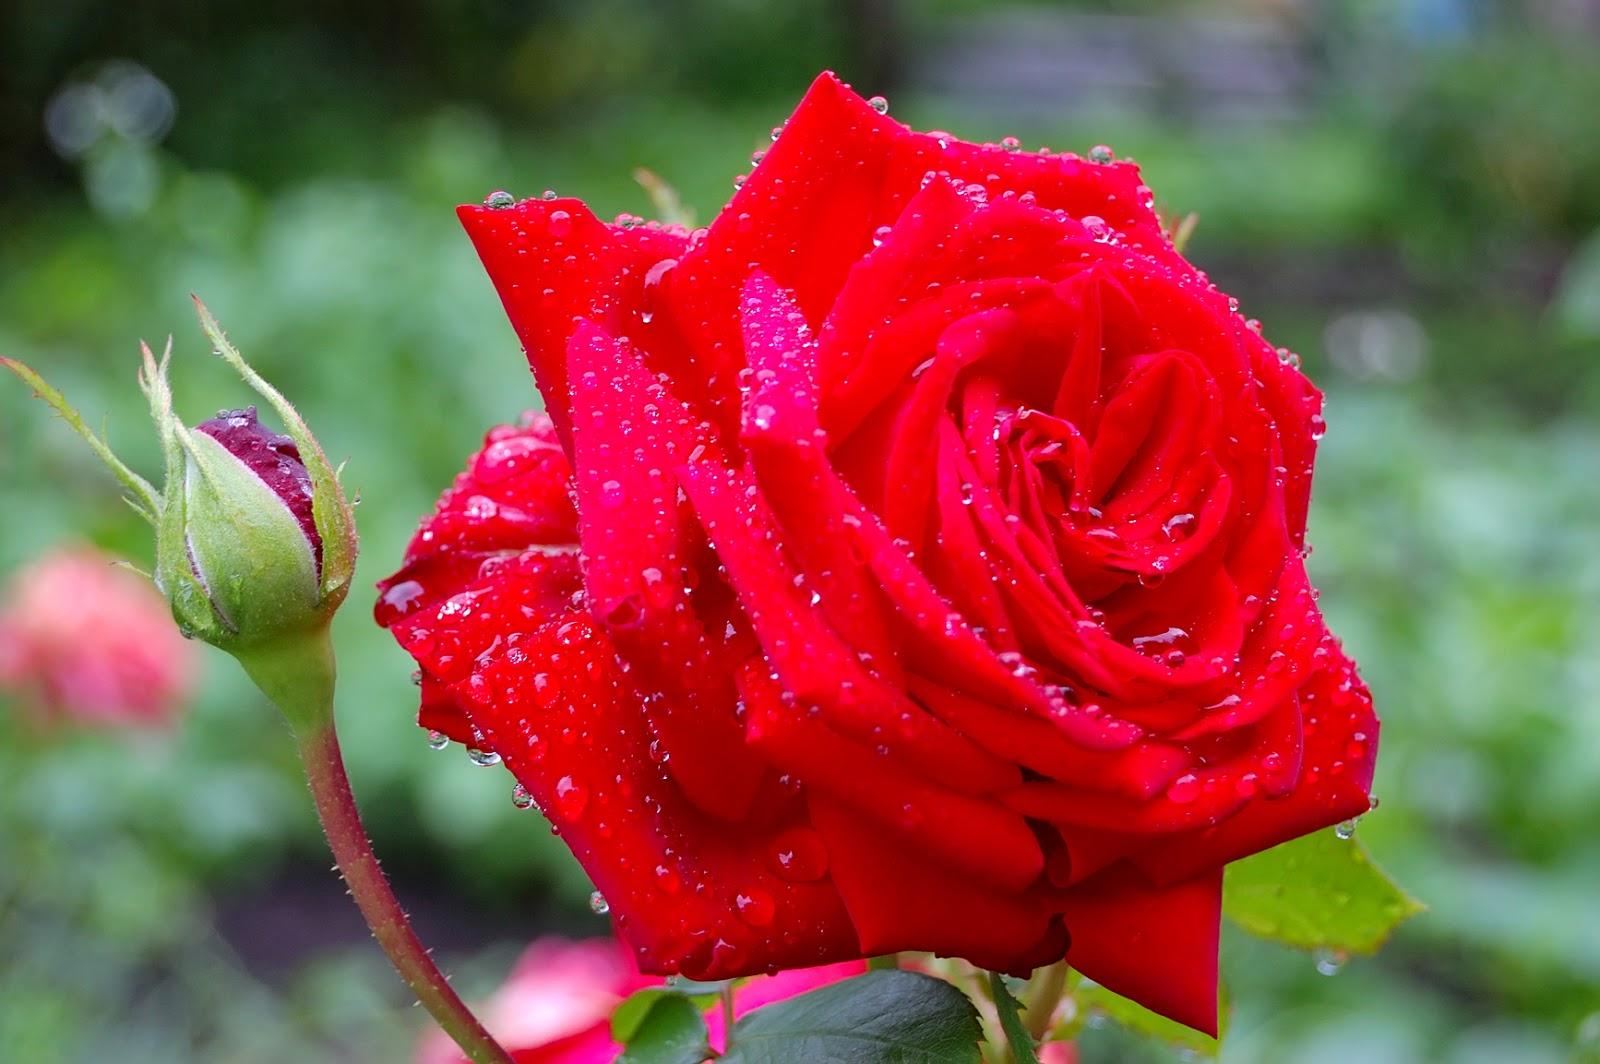 Adquiere Aqui Estos Fondos De Pantalla Con Flores Hermosas: Imágenes De Flores Gratis